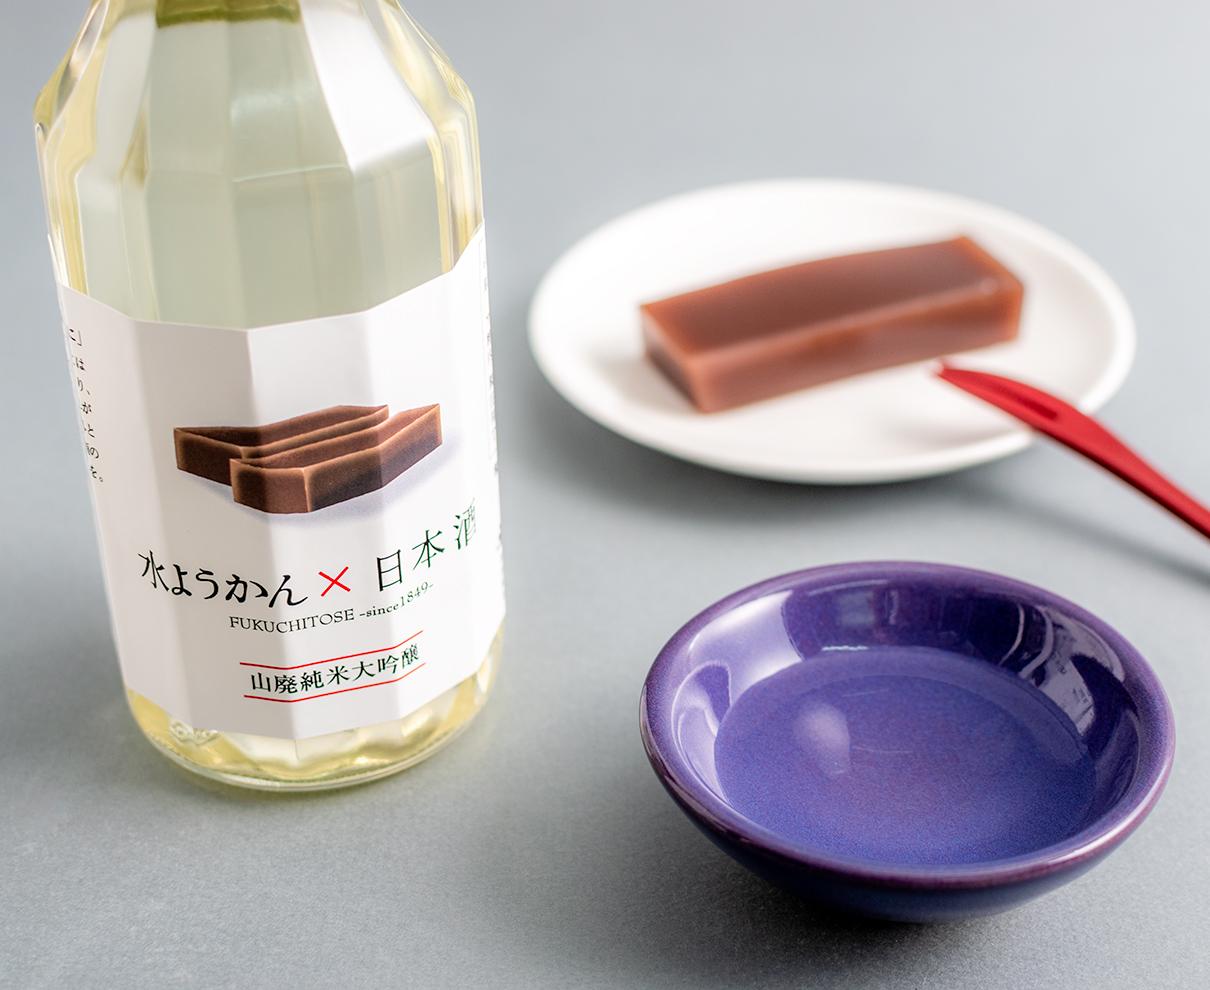 日本酒と水ようかん。実は相性がいいって知ってた?水ようかん専用日本酒が密かに人気。|田嶋酒造